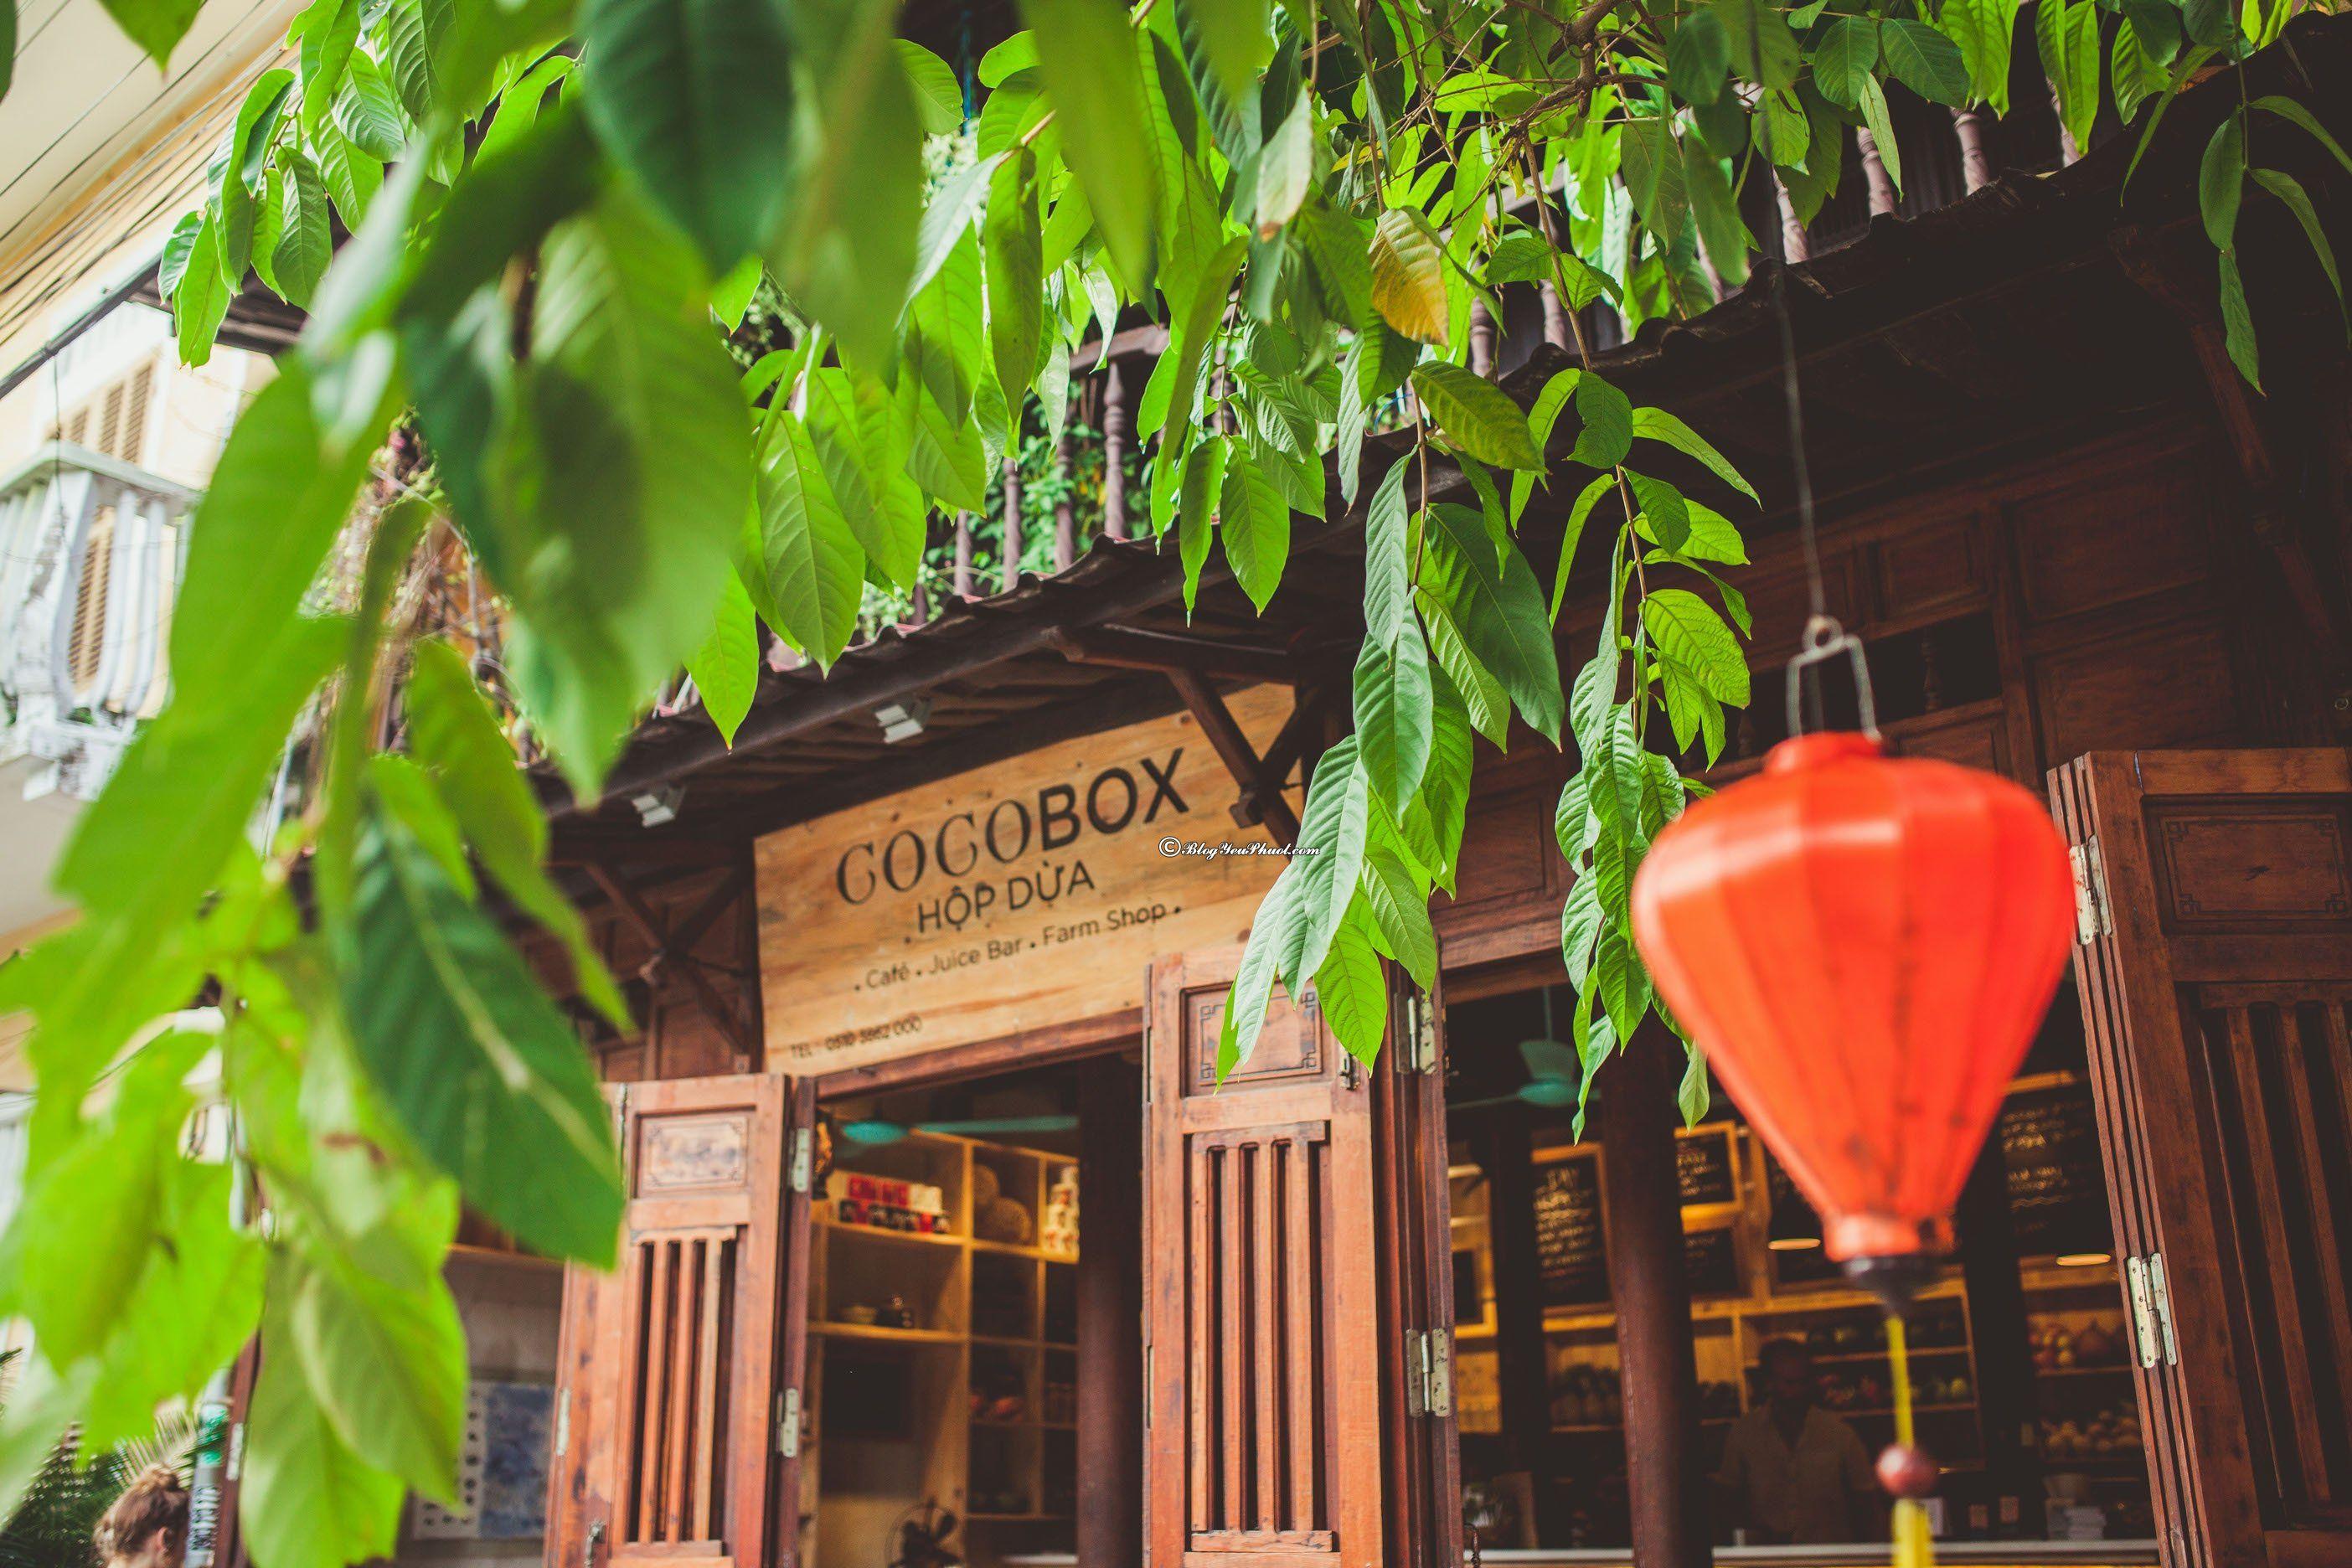 Quán café được yêu thích nhất ở Hội An: Đi đâu uống cà phê khi du lịch Hội An?